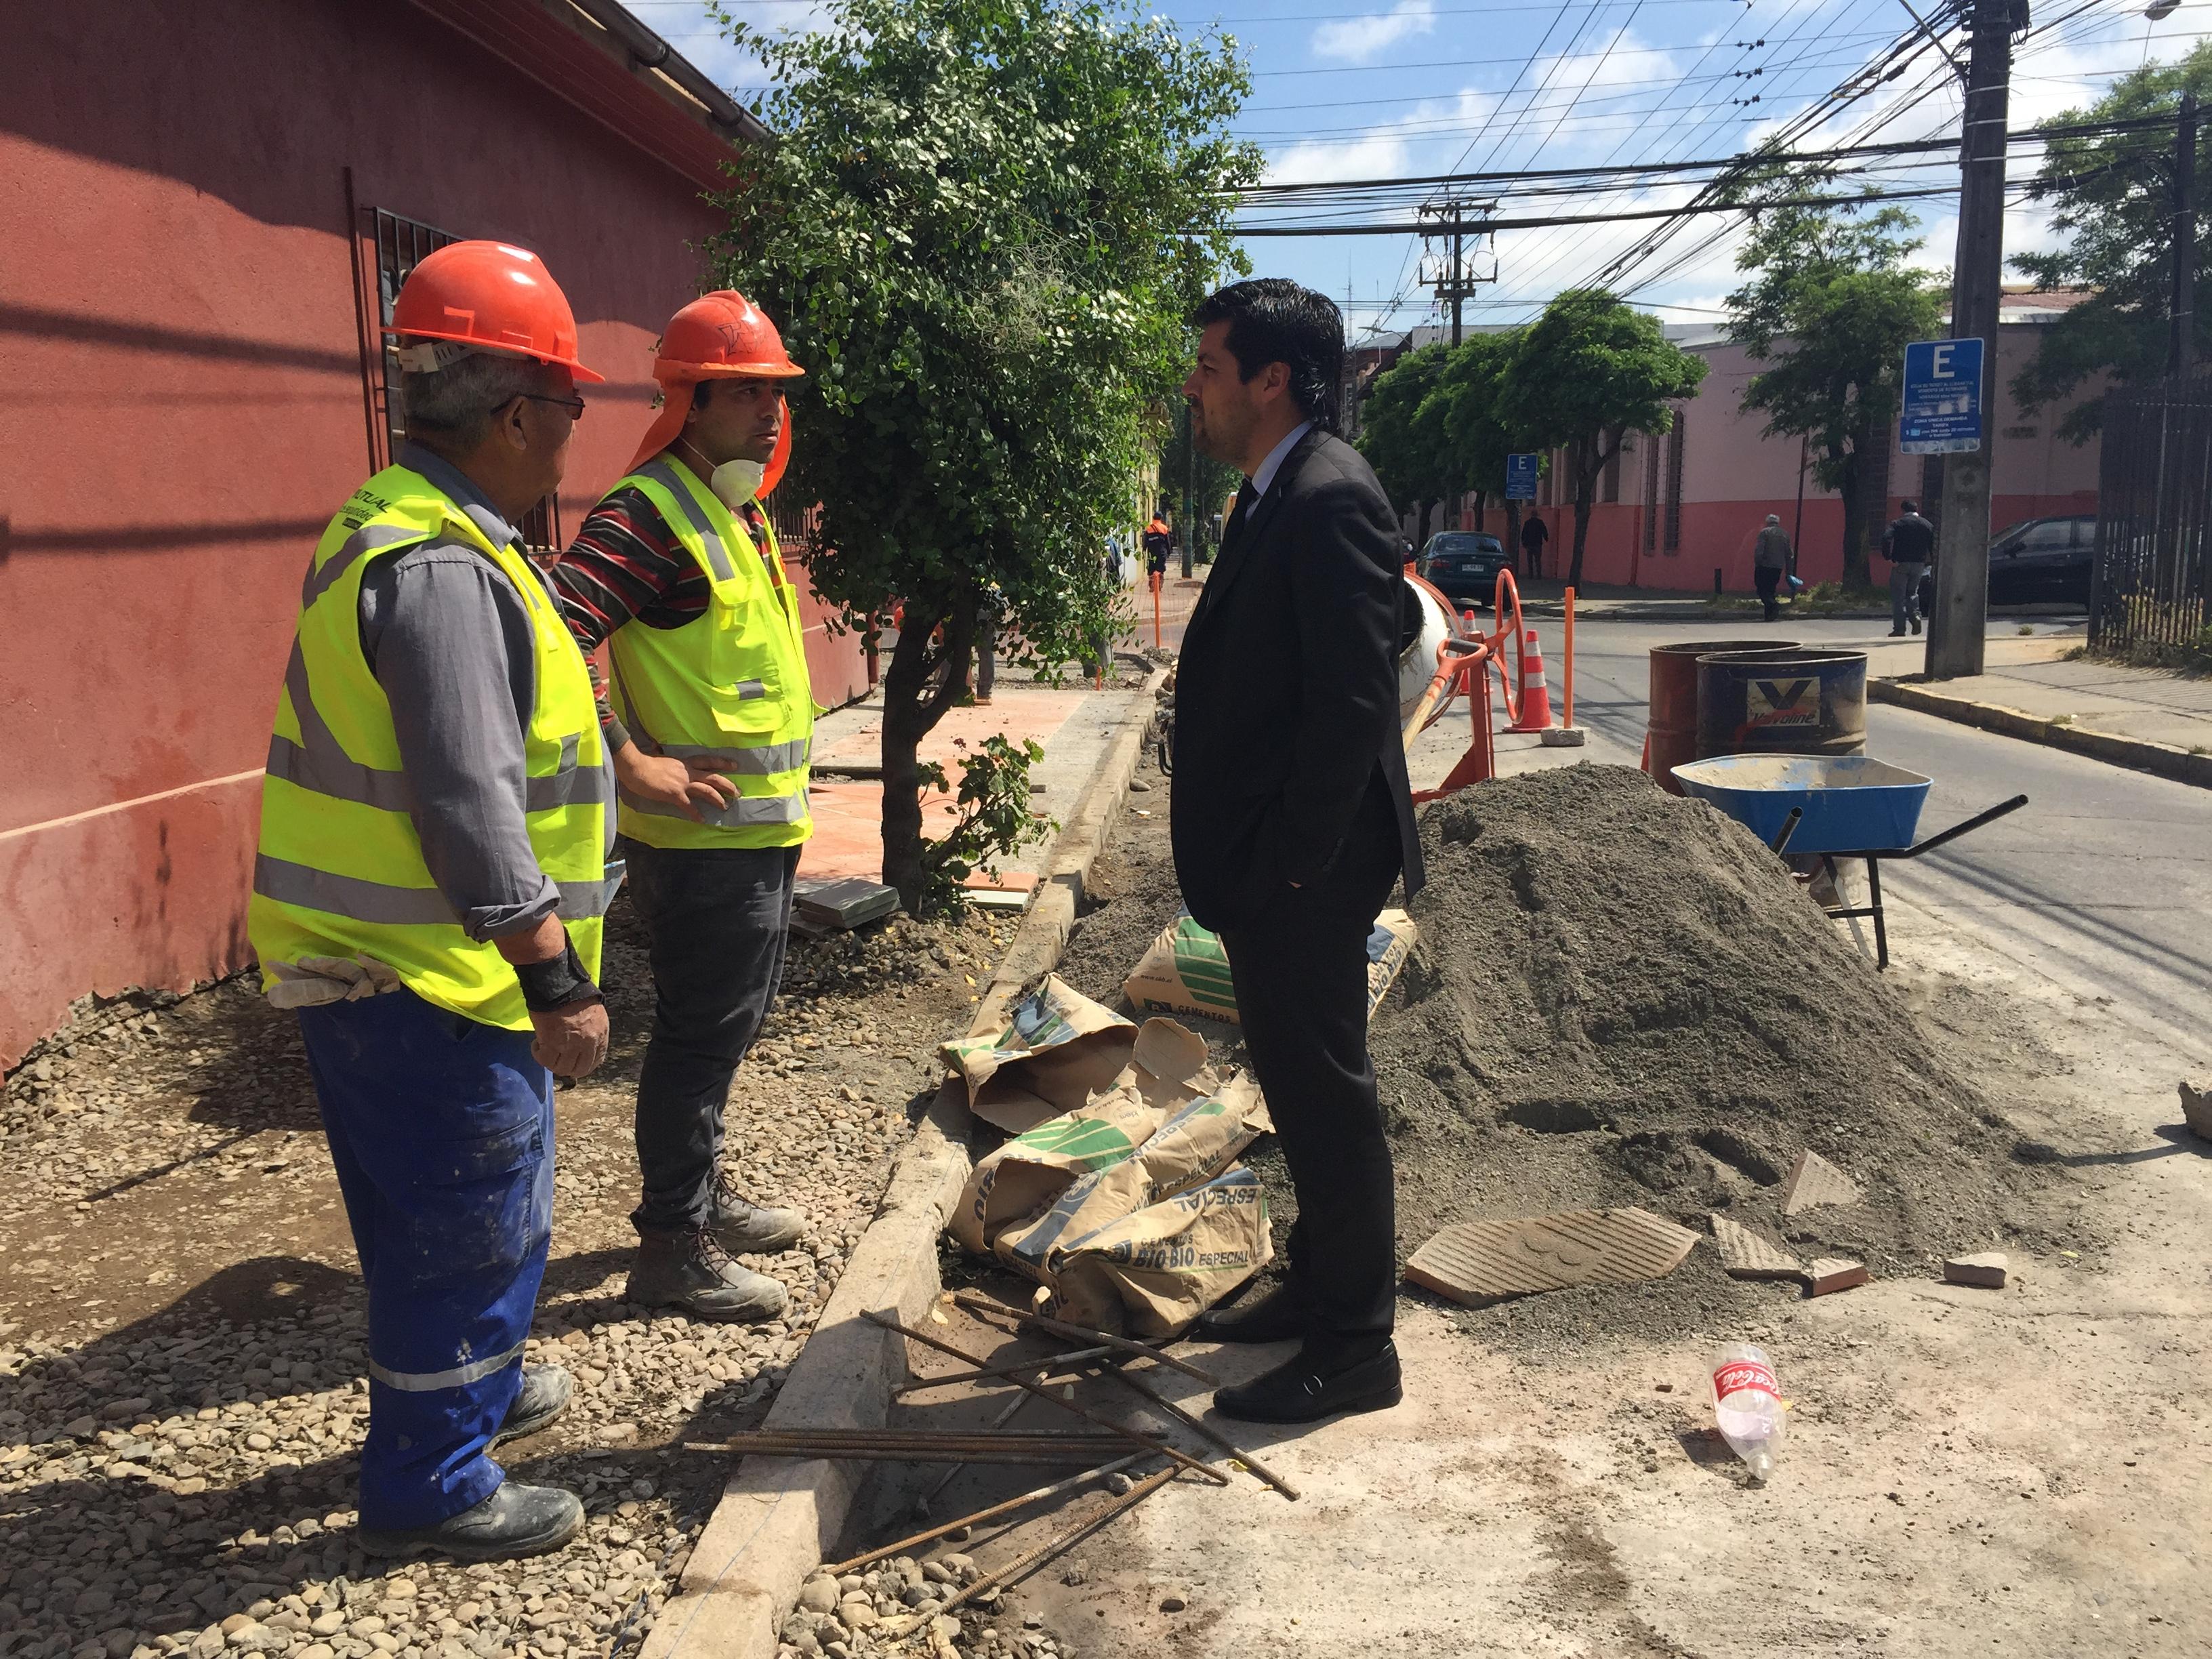 Se aprueban más de cinco mil millones de pesos para pavimentar calles, veredas y pasajes en 20 comunas